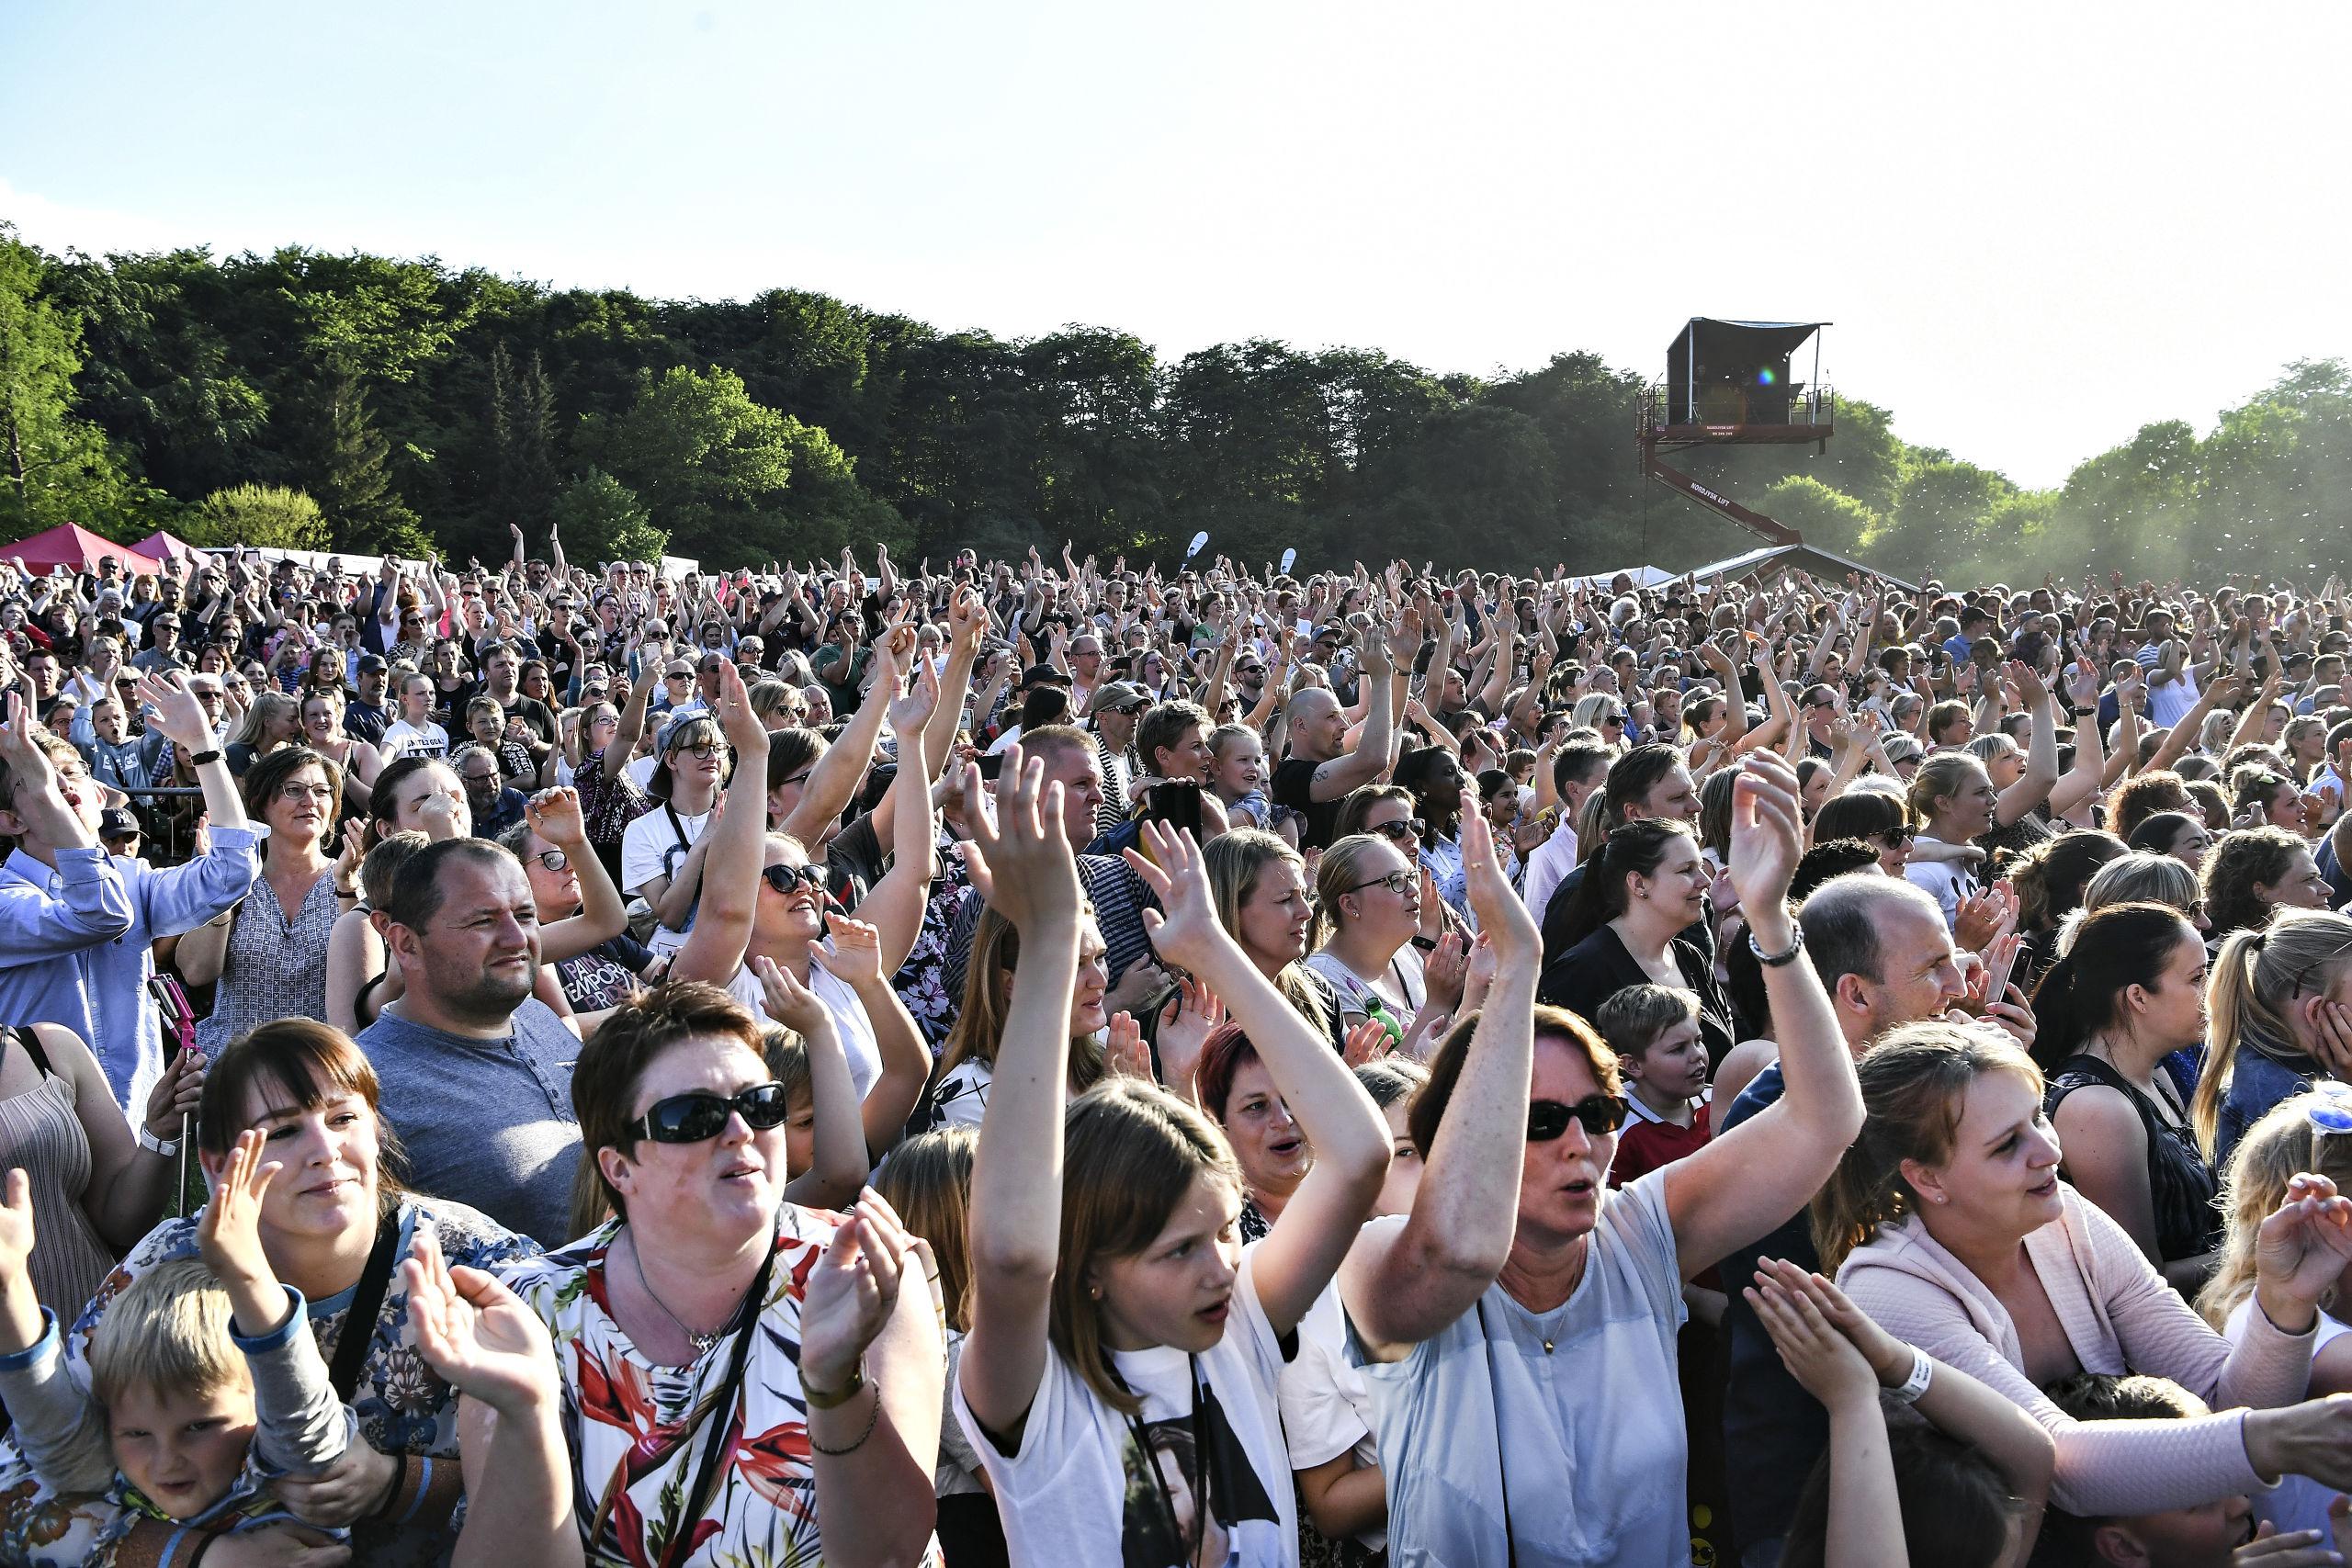 Koncerten med Maroon 5 blev udsolgt på rekordtid. Arkivfoto: Bent Bach